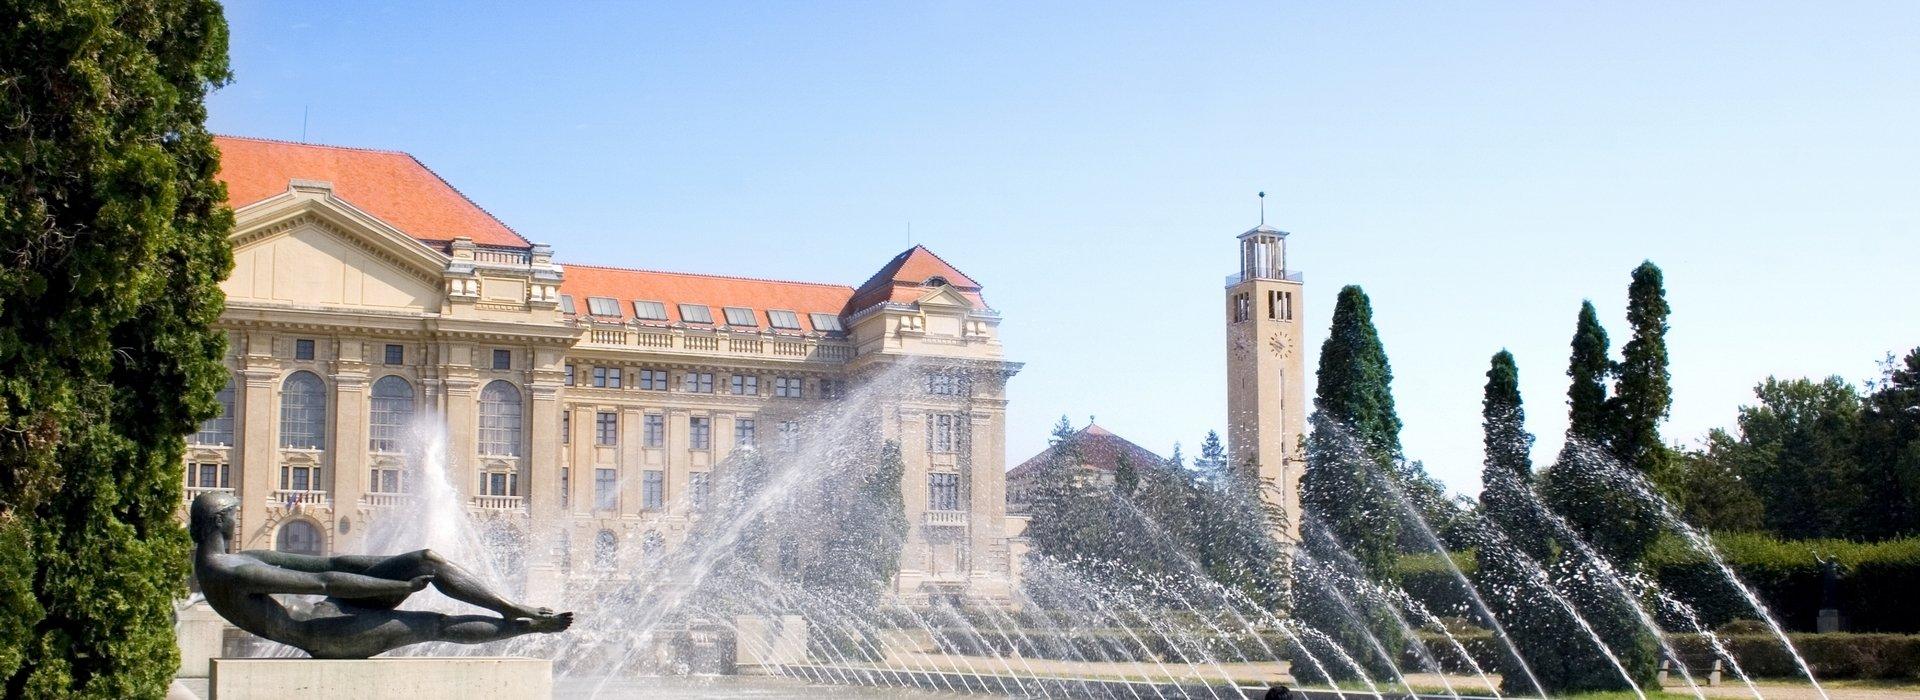 Debrecen Karten